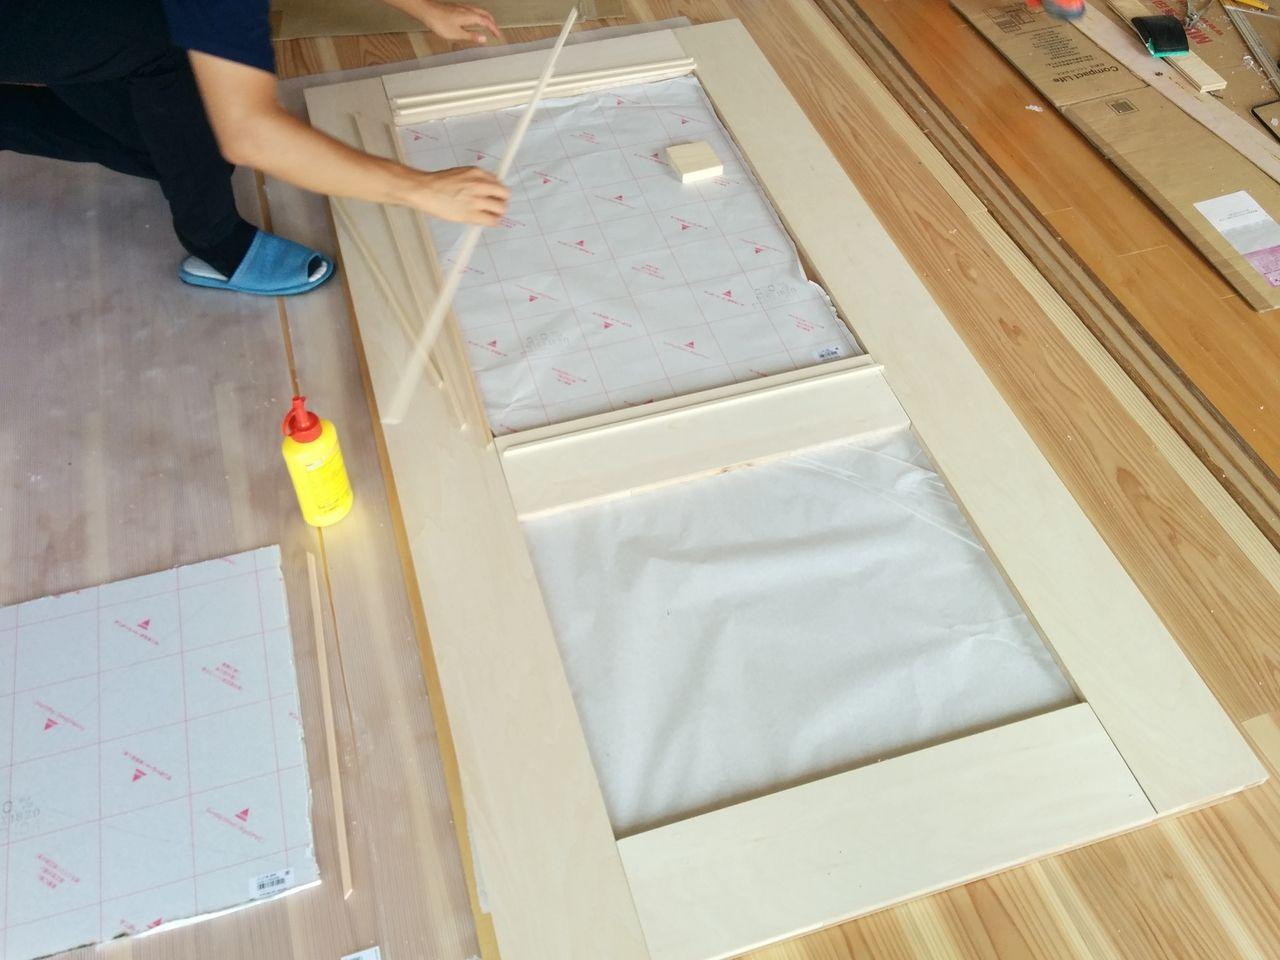 みなさまこんにちは。 前回のブログでは扉の枠を組み立てて終わりました。 今回はこの枠にアクリル板をはめ込んでいきます。